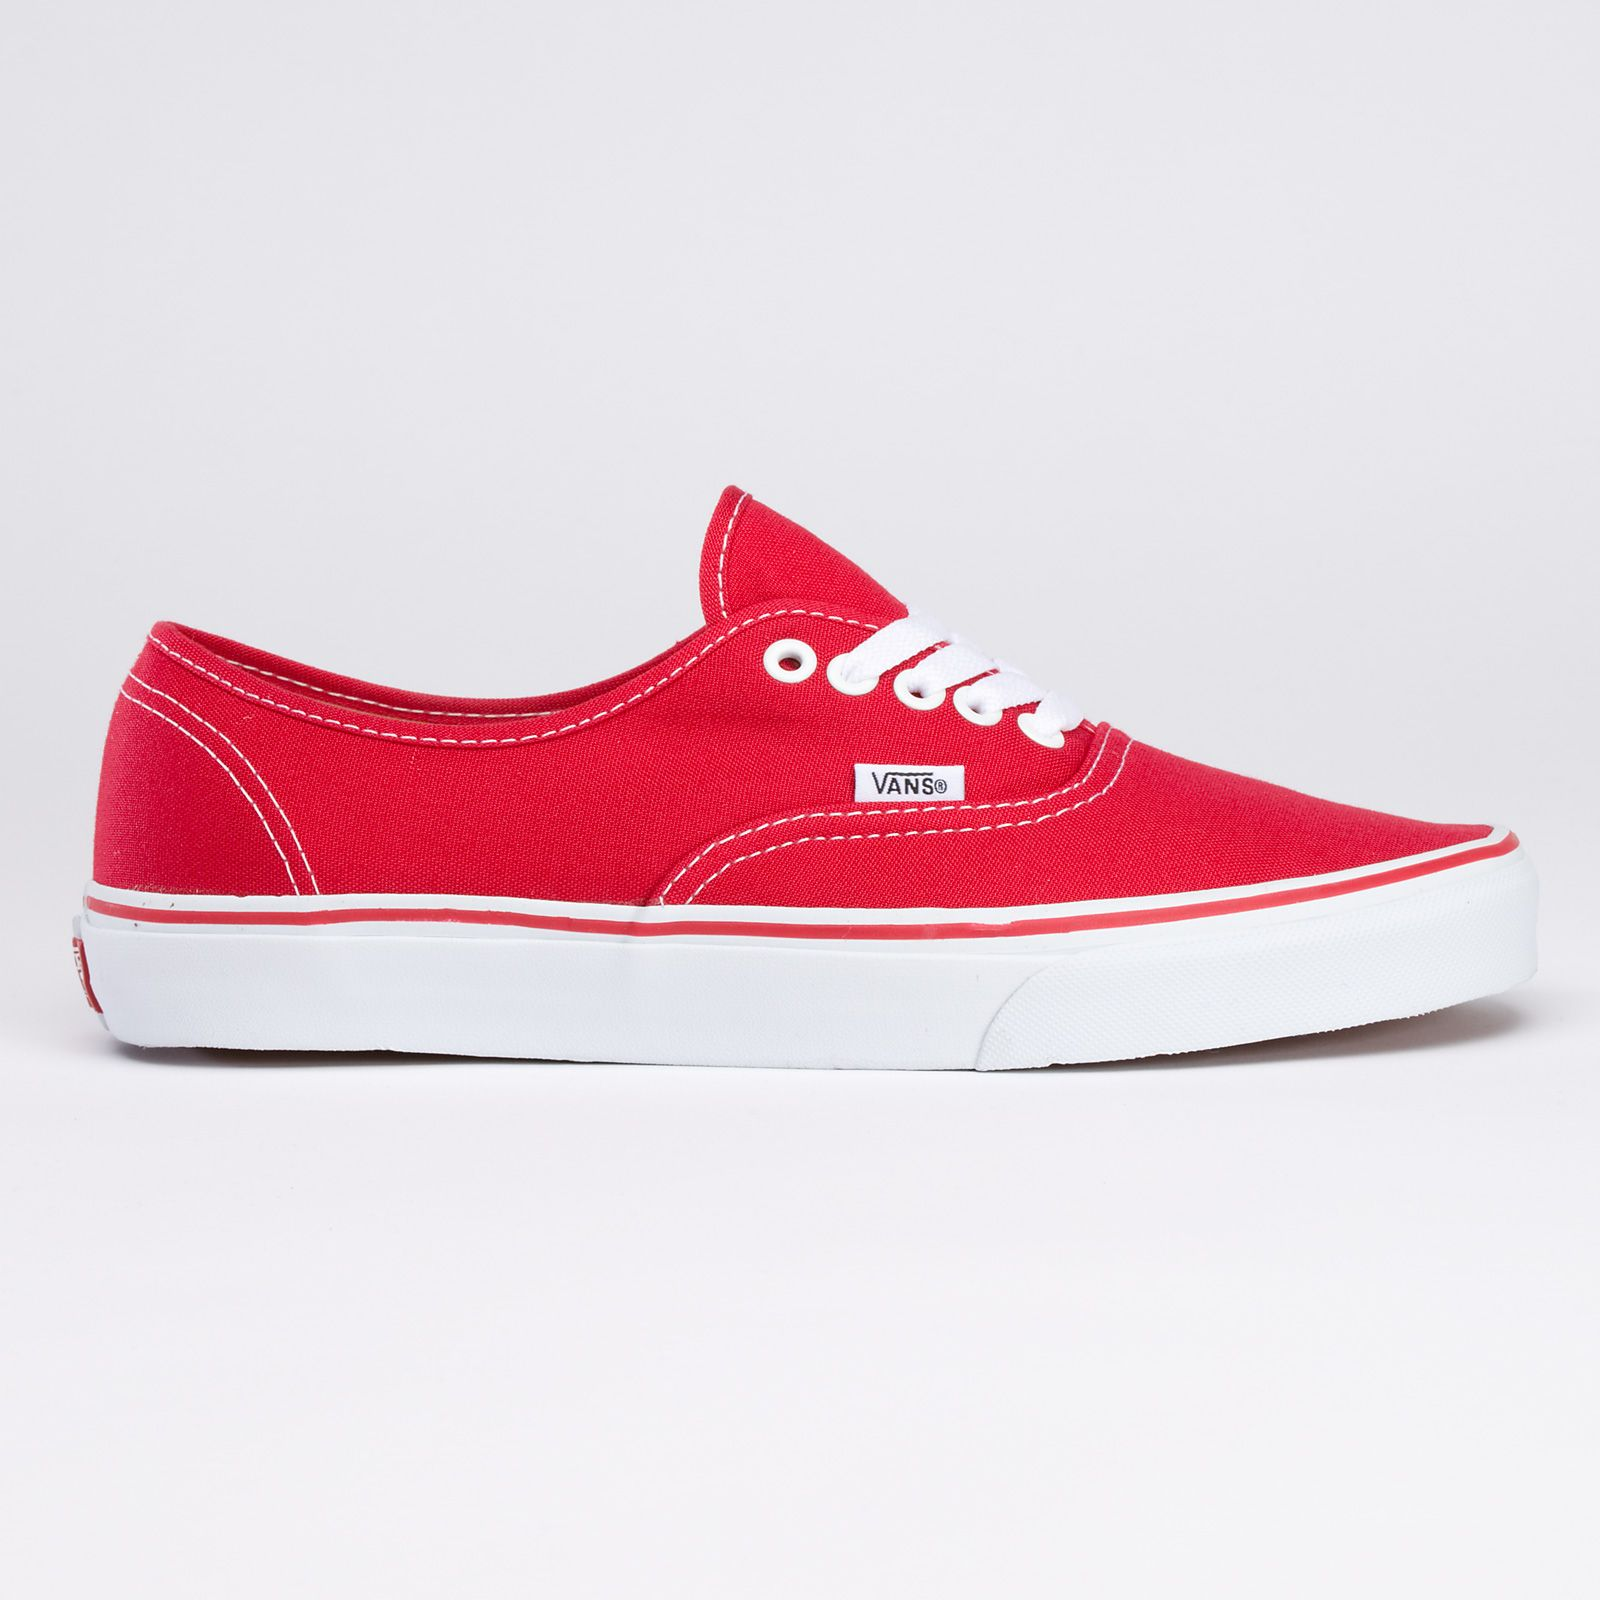 Vans authentic red, Vans, Shoes